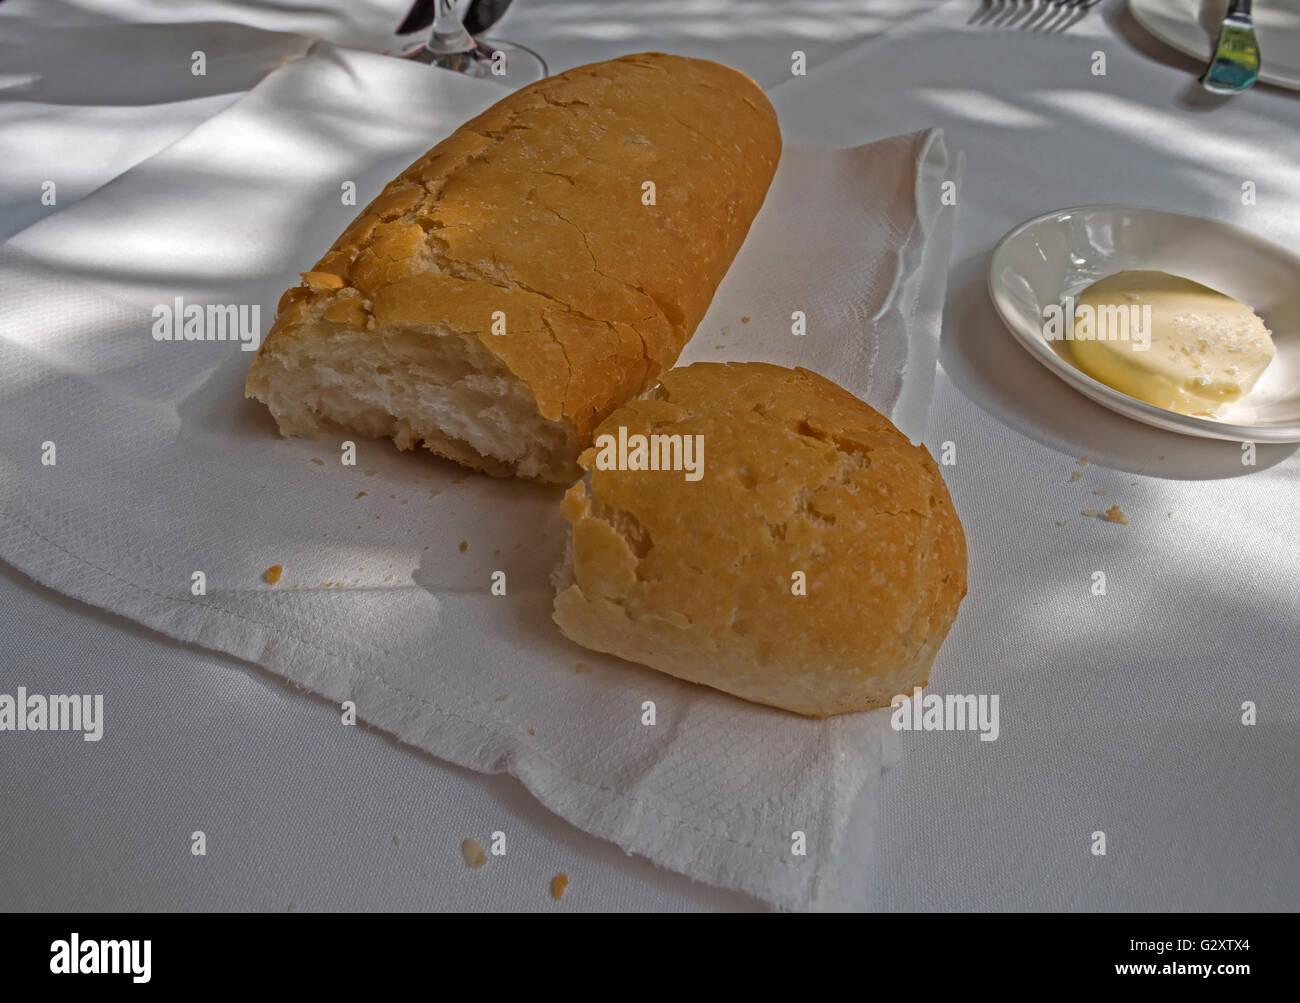 Knuspriges Weißbrot mit einer Schüssel mit Butter auf einer weißen Tischdecke Stockfoto